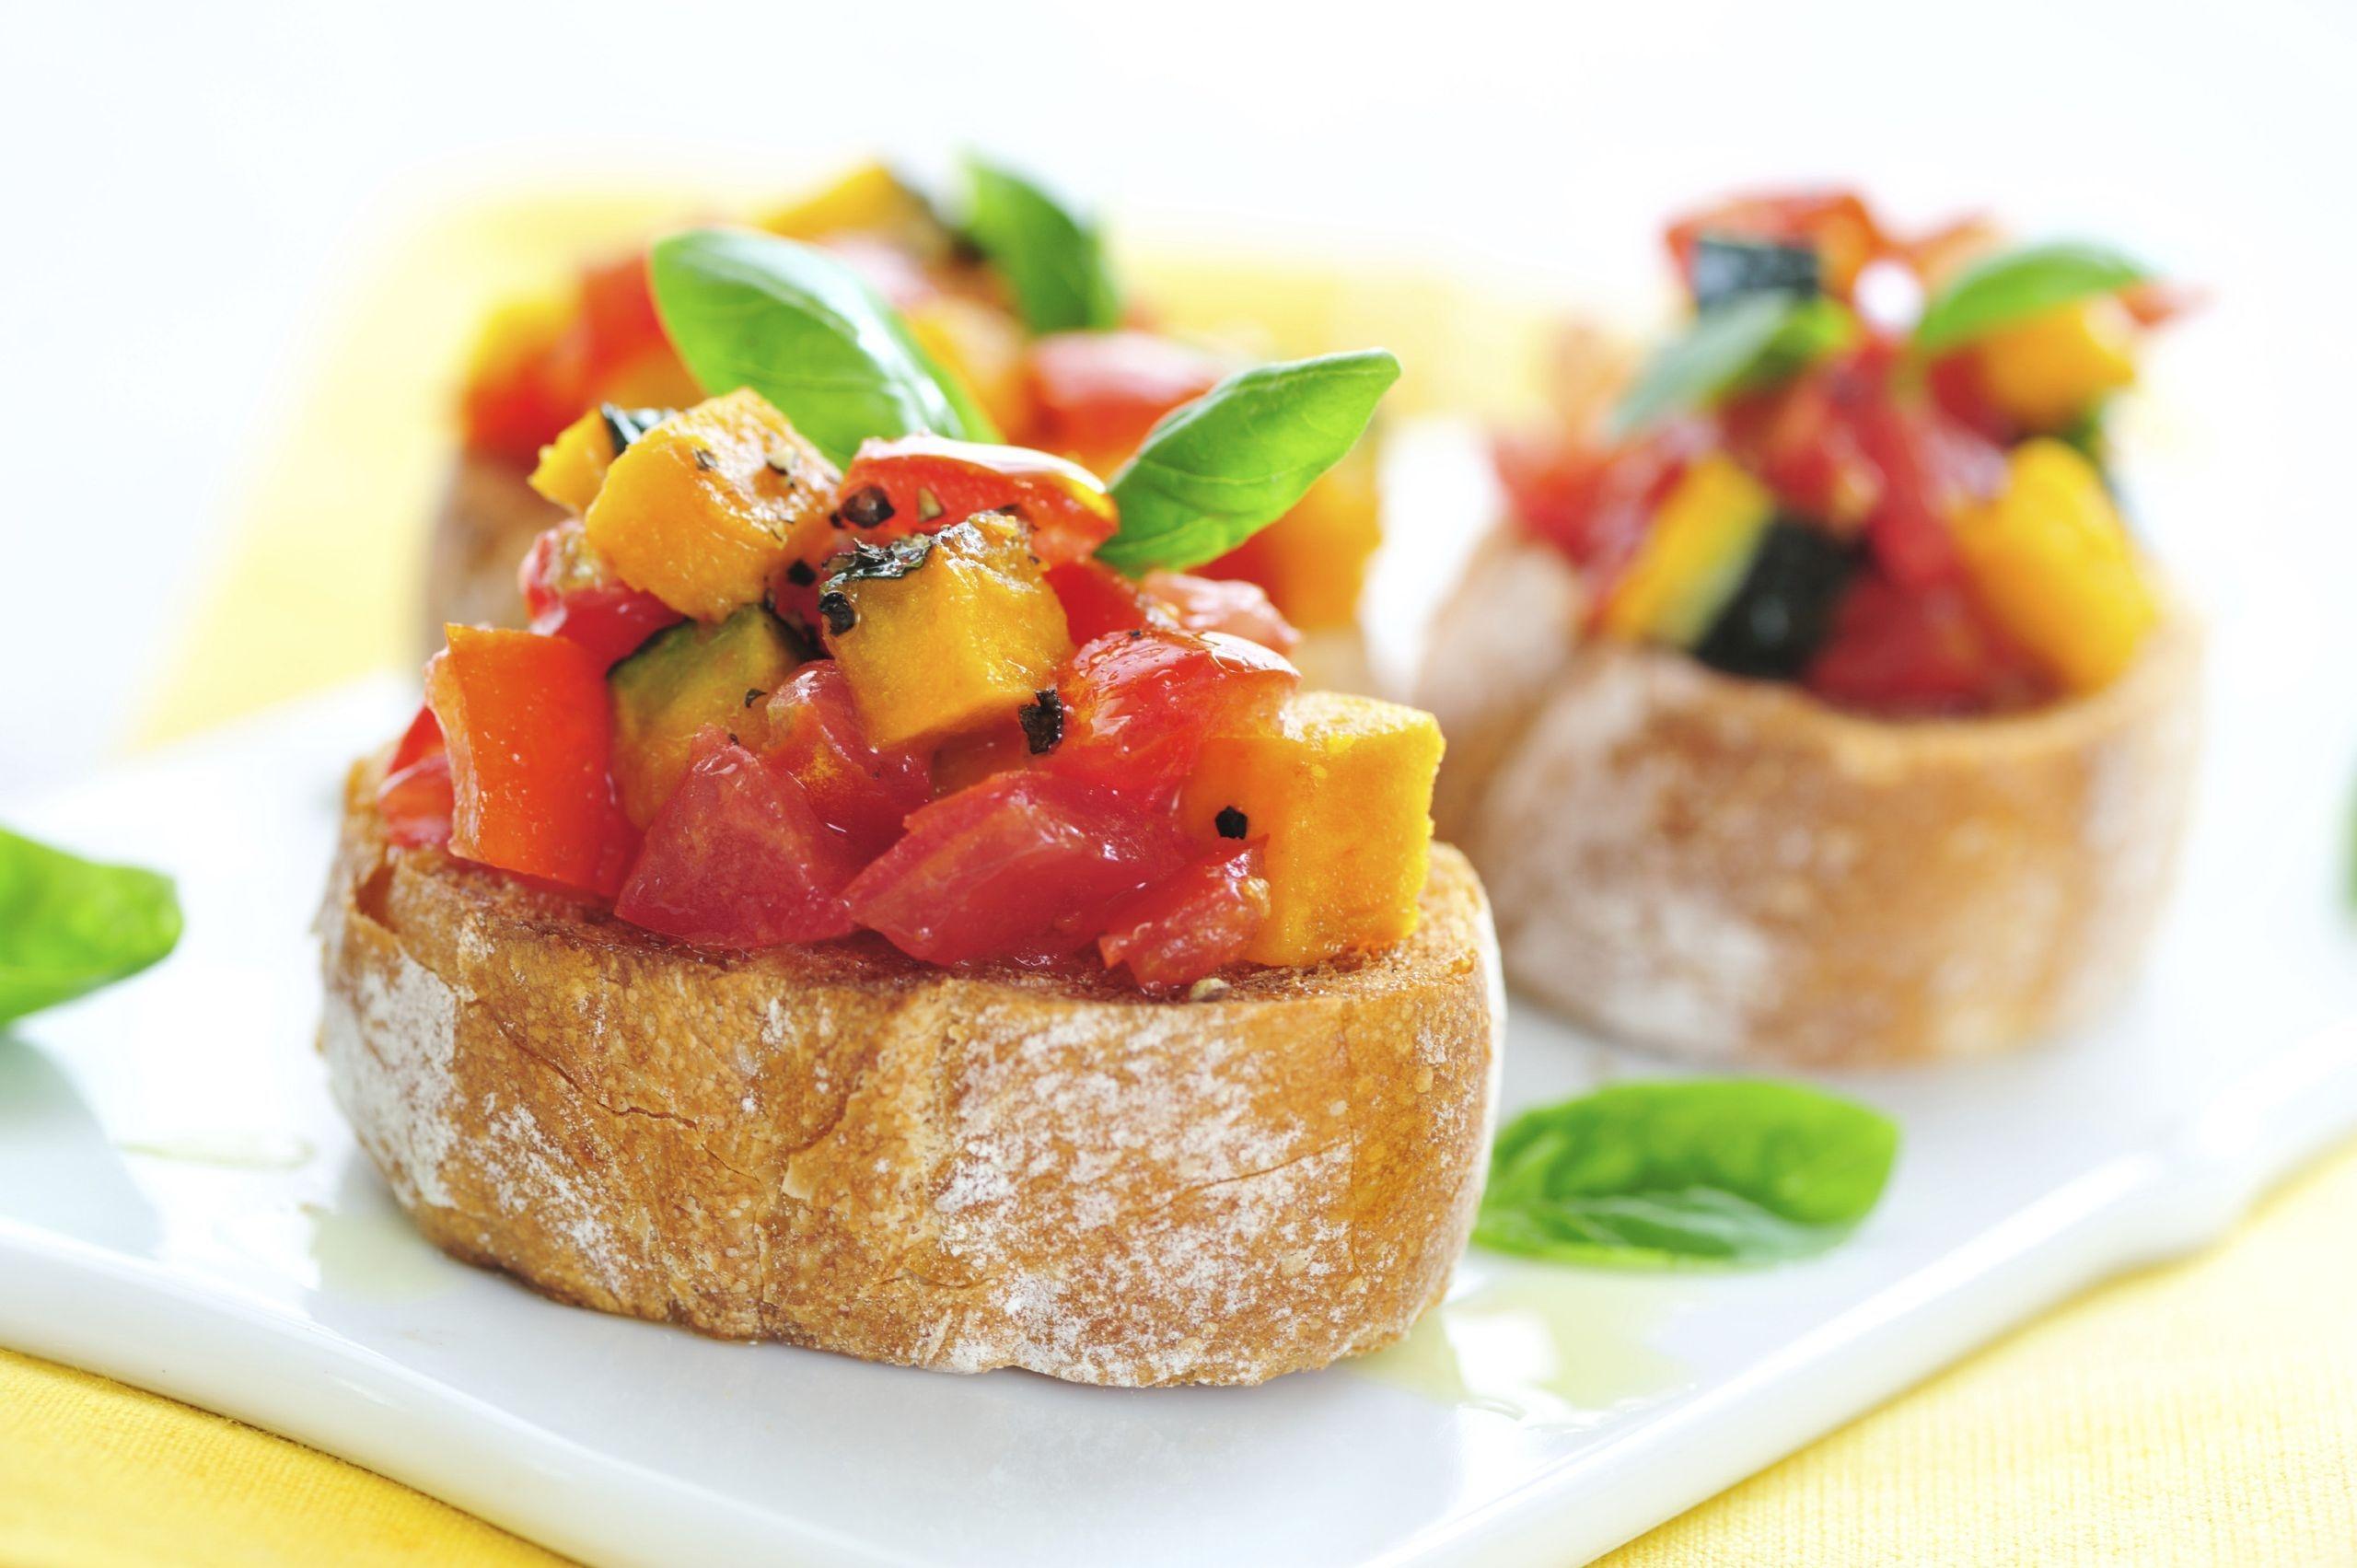 Wallpaper Makanan Roti Daging Sayuran Buah Sarapan Makan